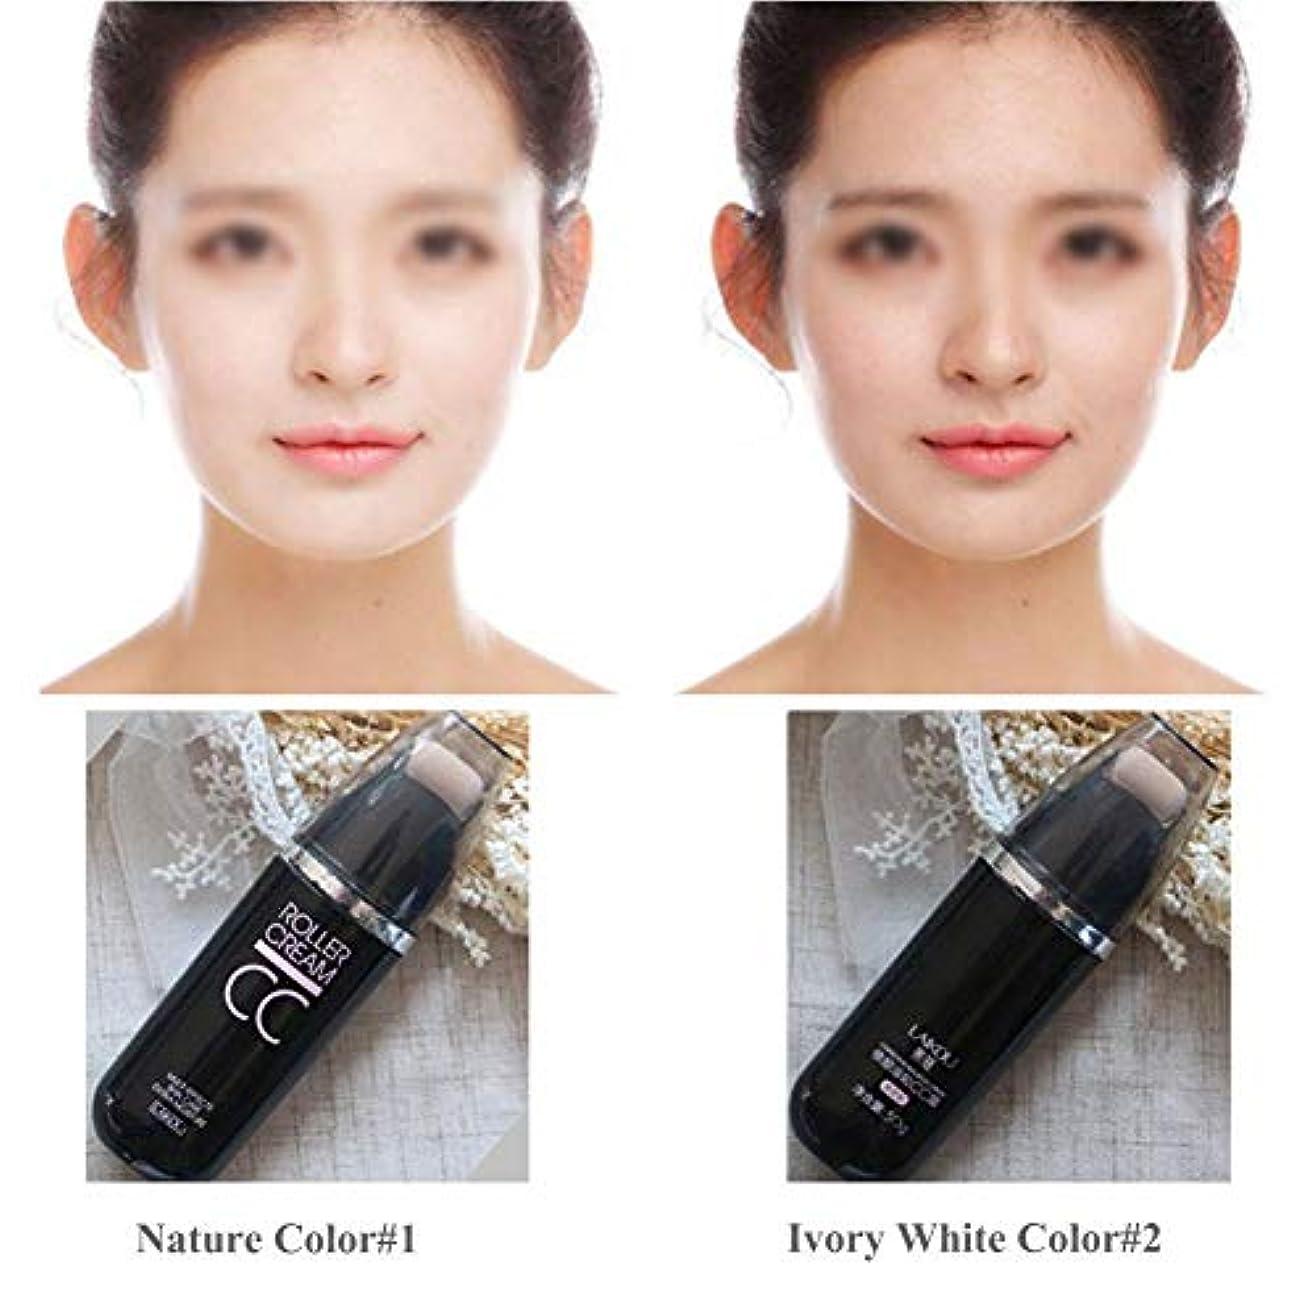 安らぎアリプランテーション化粧ベース、BBクリームエアクッションBBクリームは肌を明るくし、シミや毛穴を覆い、絶妙な外観を作り出します。防水コンシーラーファンデーション(#2)